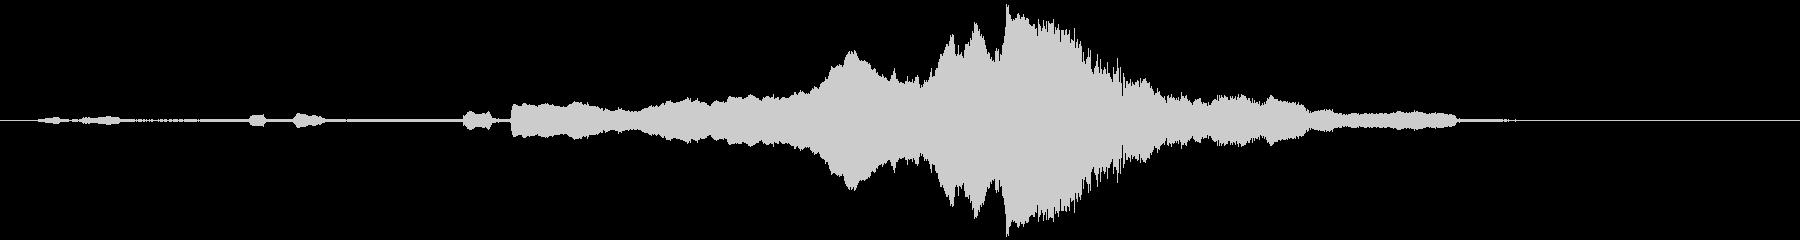 ピータービルトセミトラック:ドップ...の未再生の波形